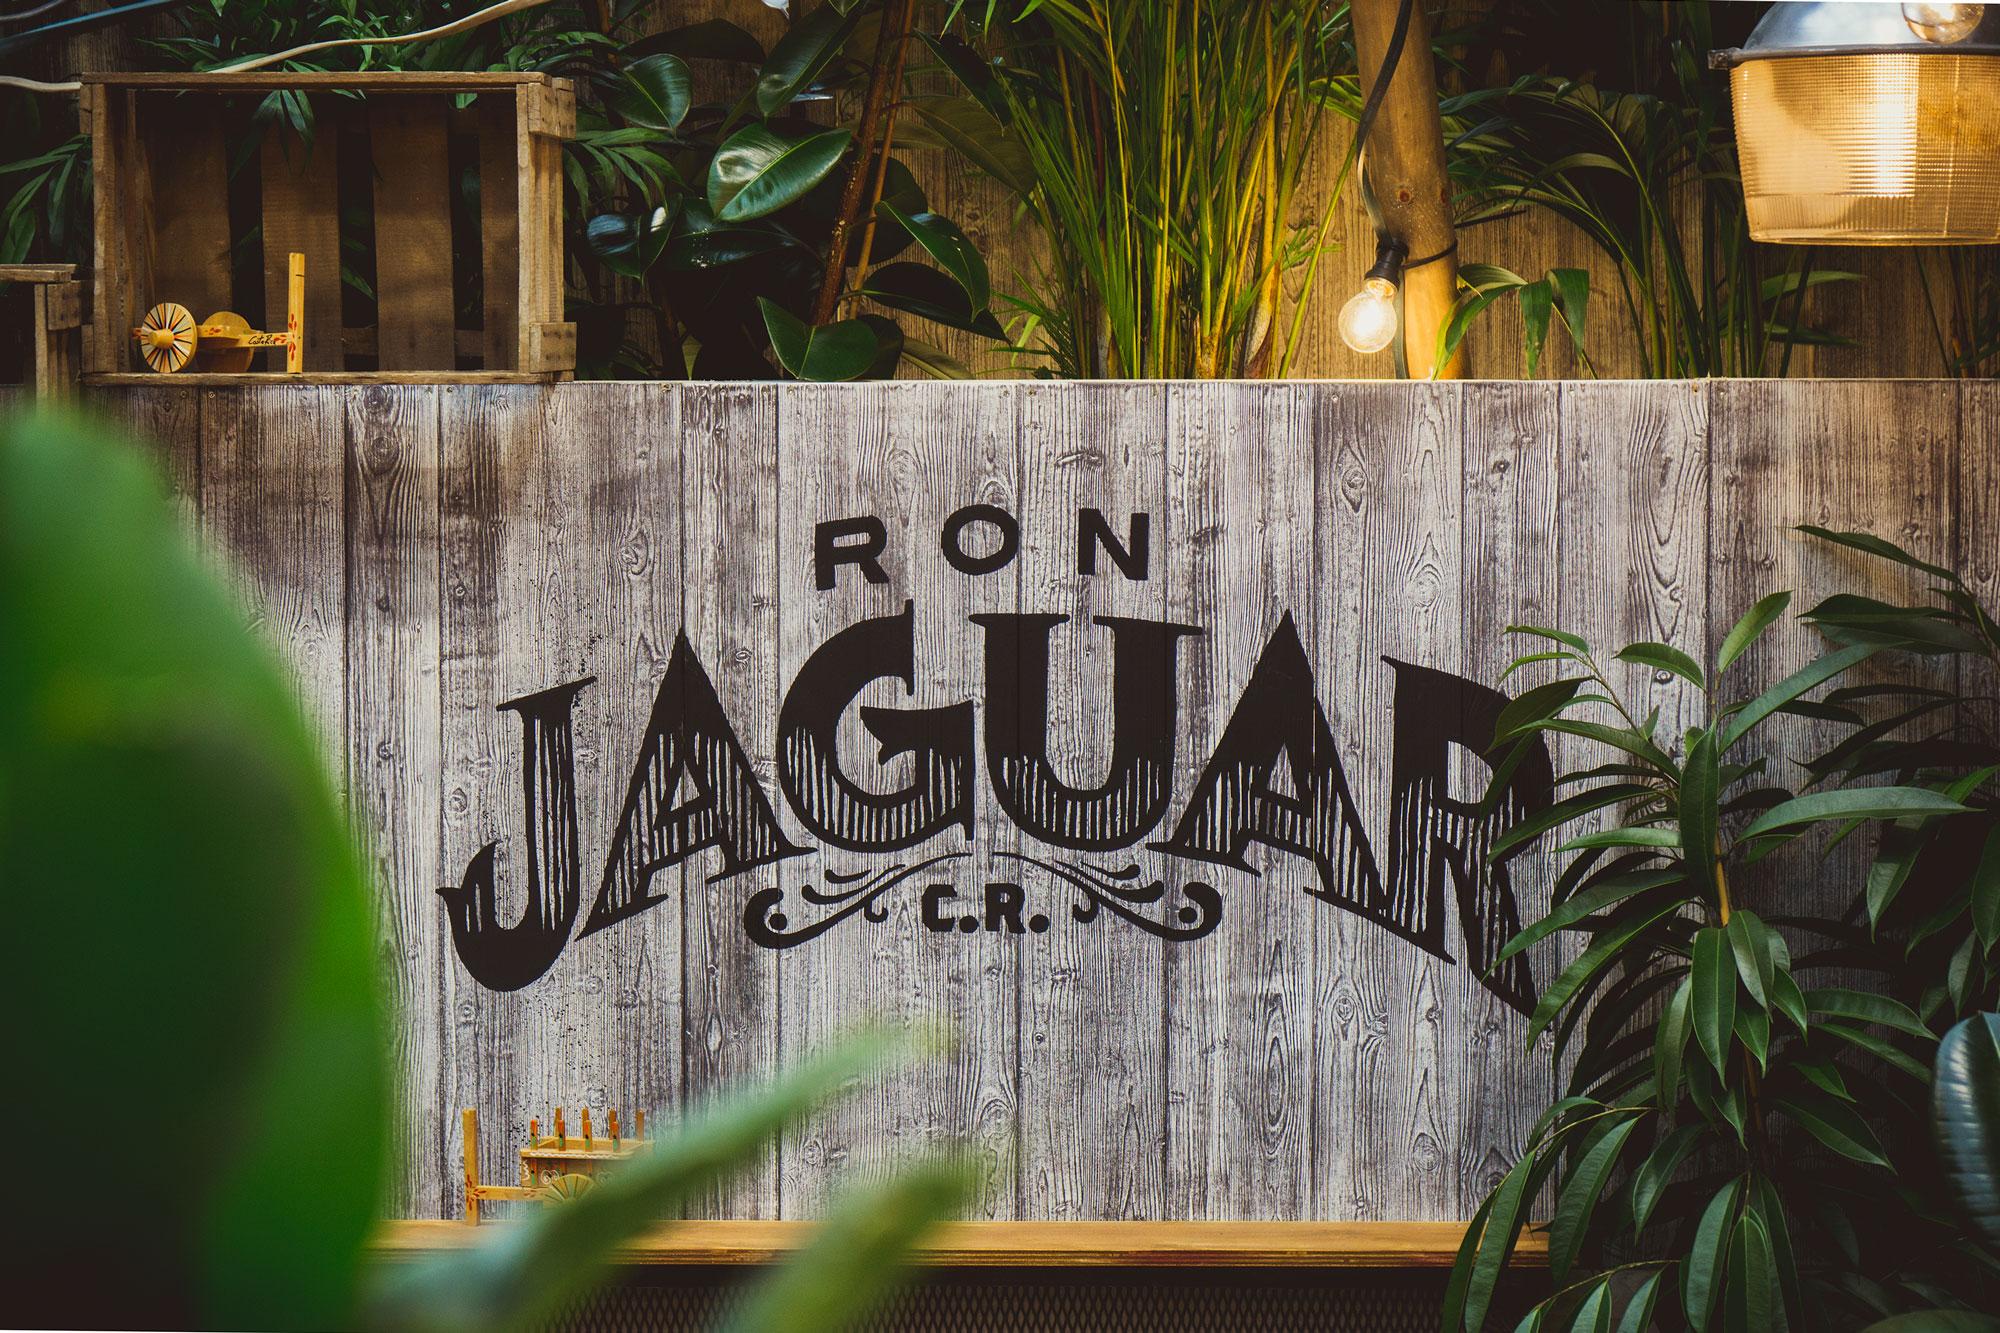 RON Jaguar Messeauftritt auf der Bar Convent Berlin 2017 durch Handwerk+Design, Herstellerlogo